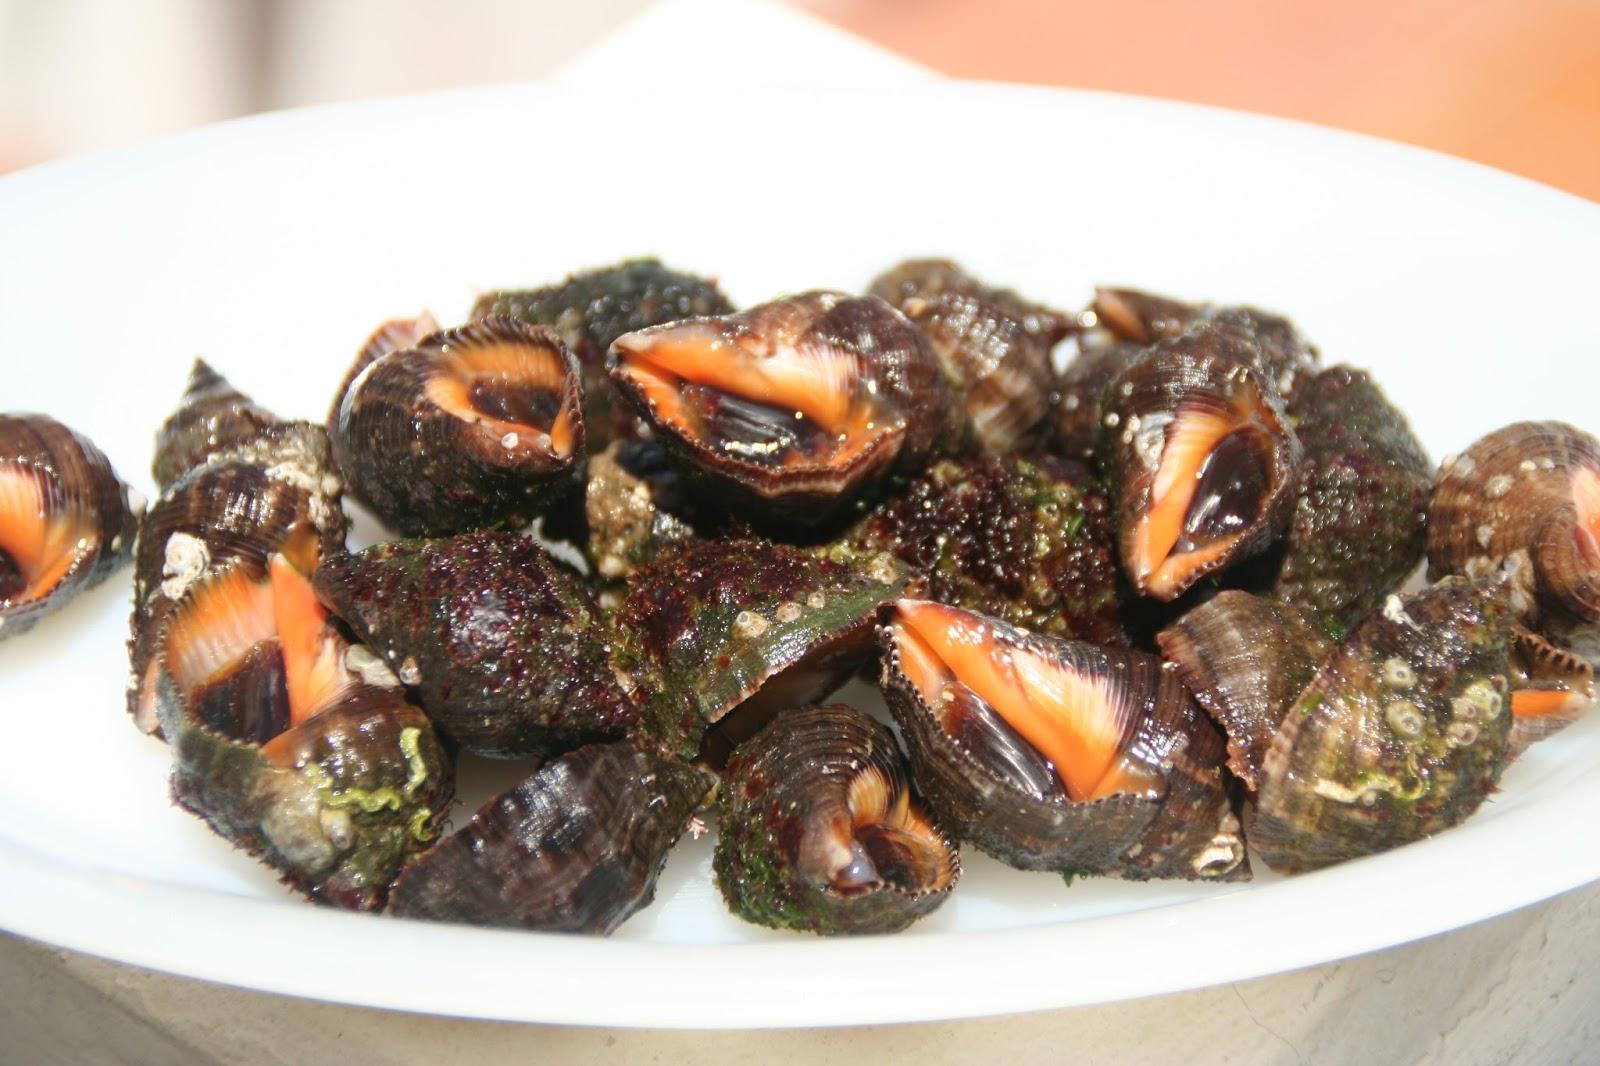 Como Cocinar Caracolas De Mar   La Libreta De Recetas Caracoles De Mar